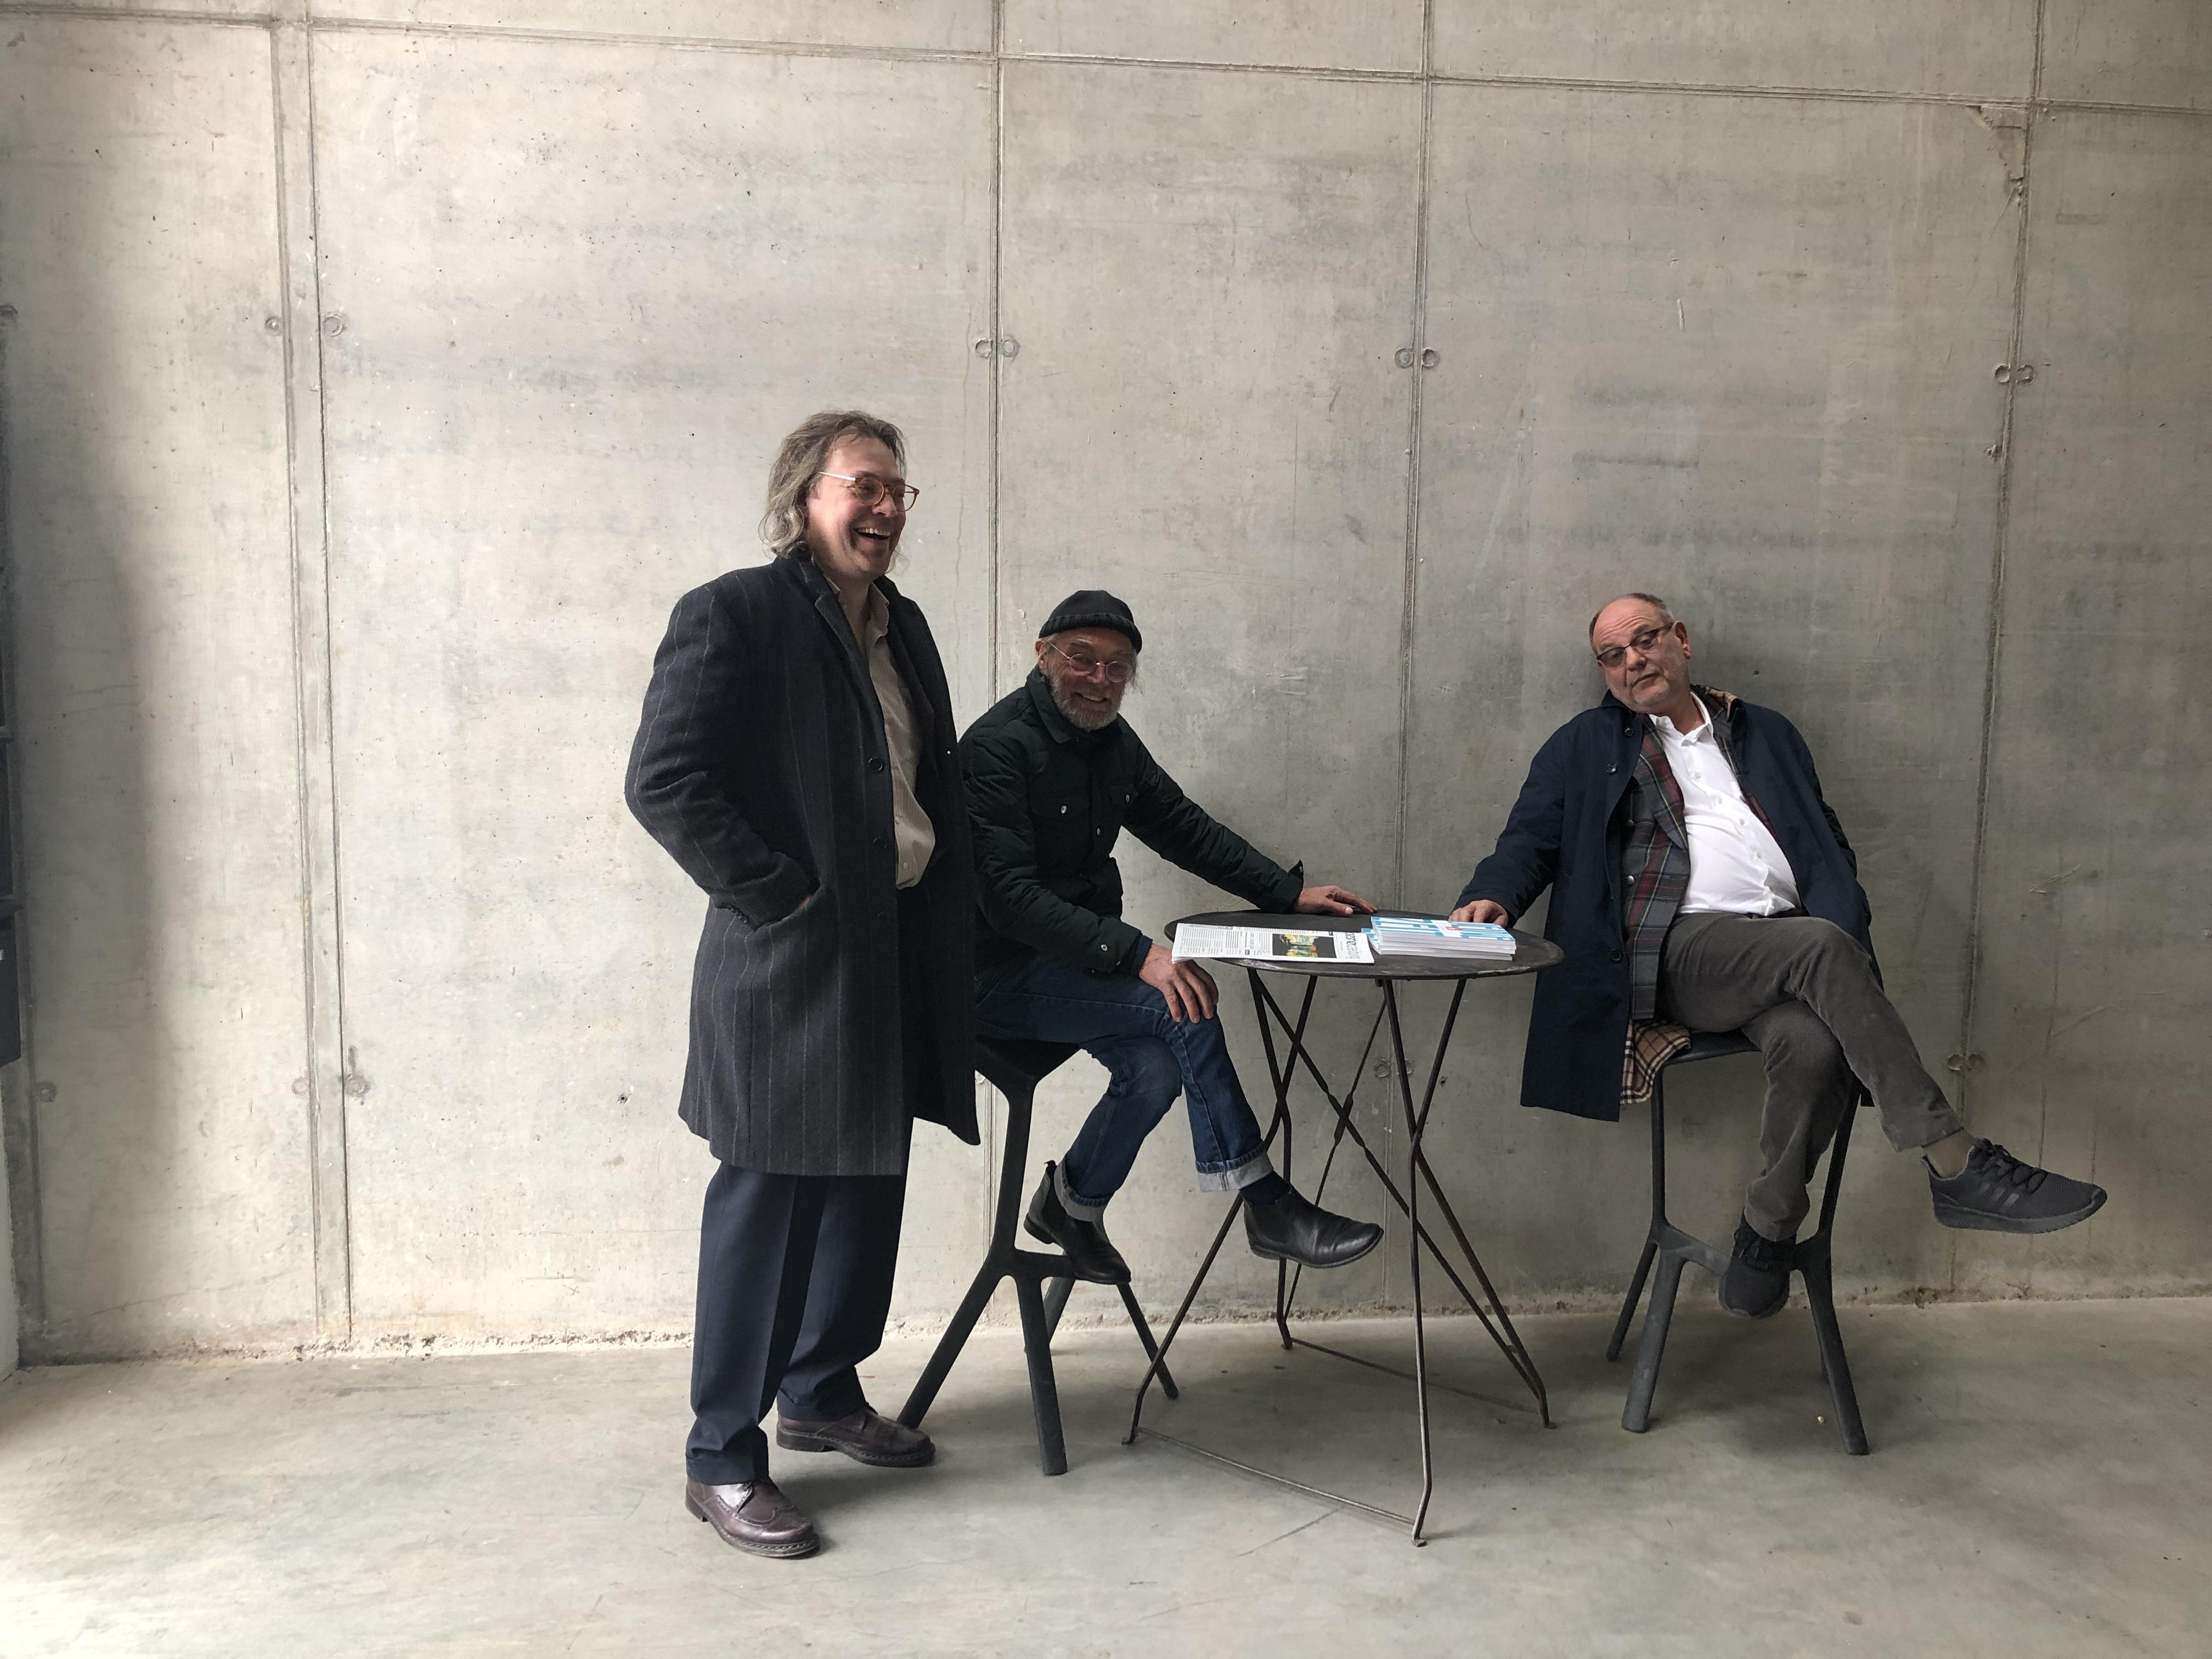 L. Kresse, F. Dickgießer, R.Braun